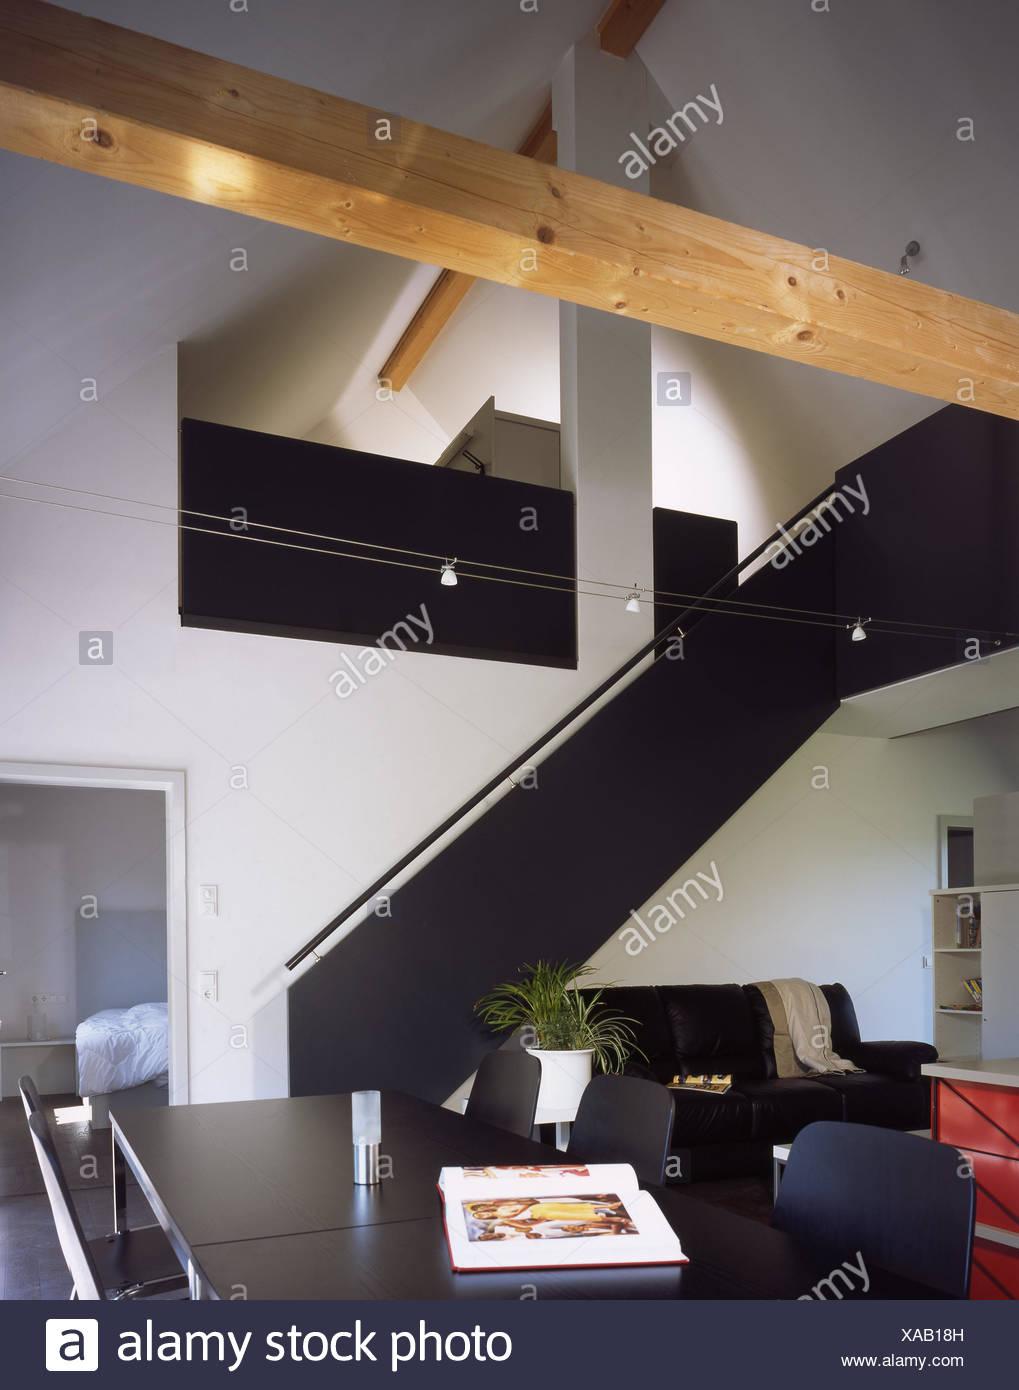 Wohnhaus Wohnen Quadrat Galerie Wohnzimmer Ledercouch Esstisch